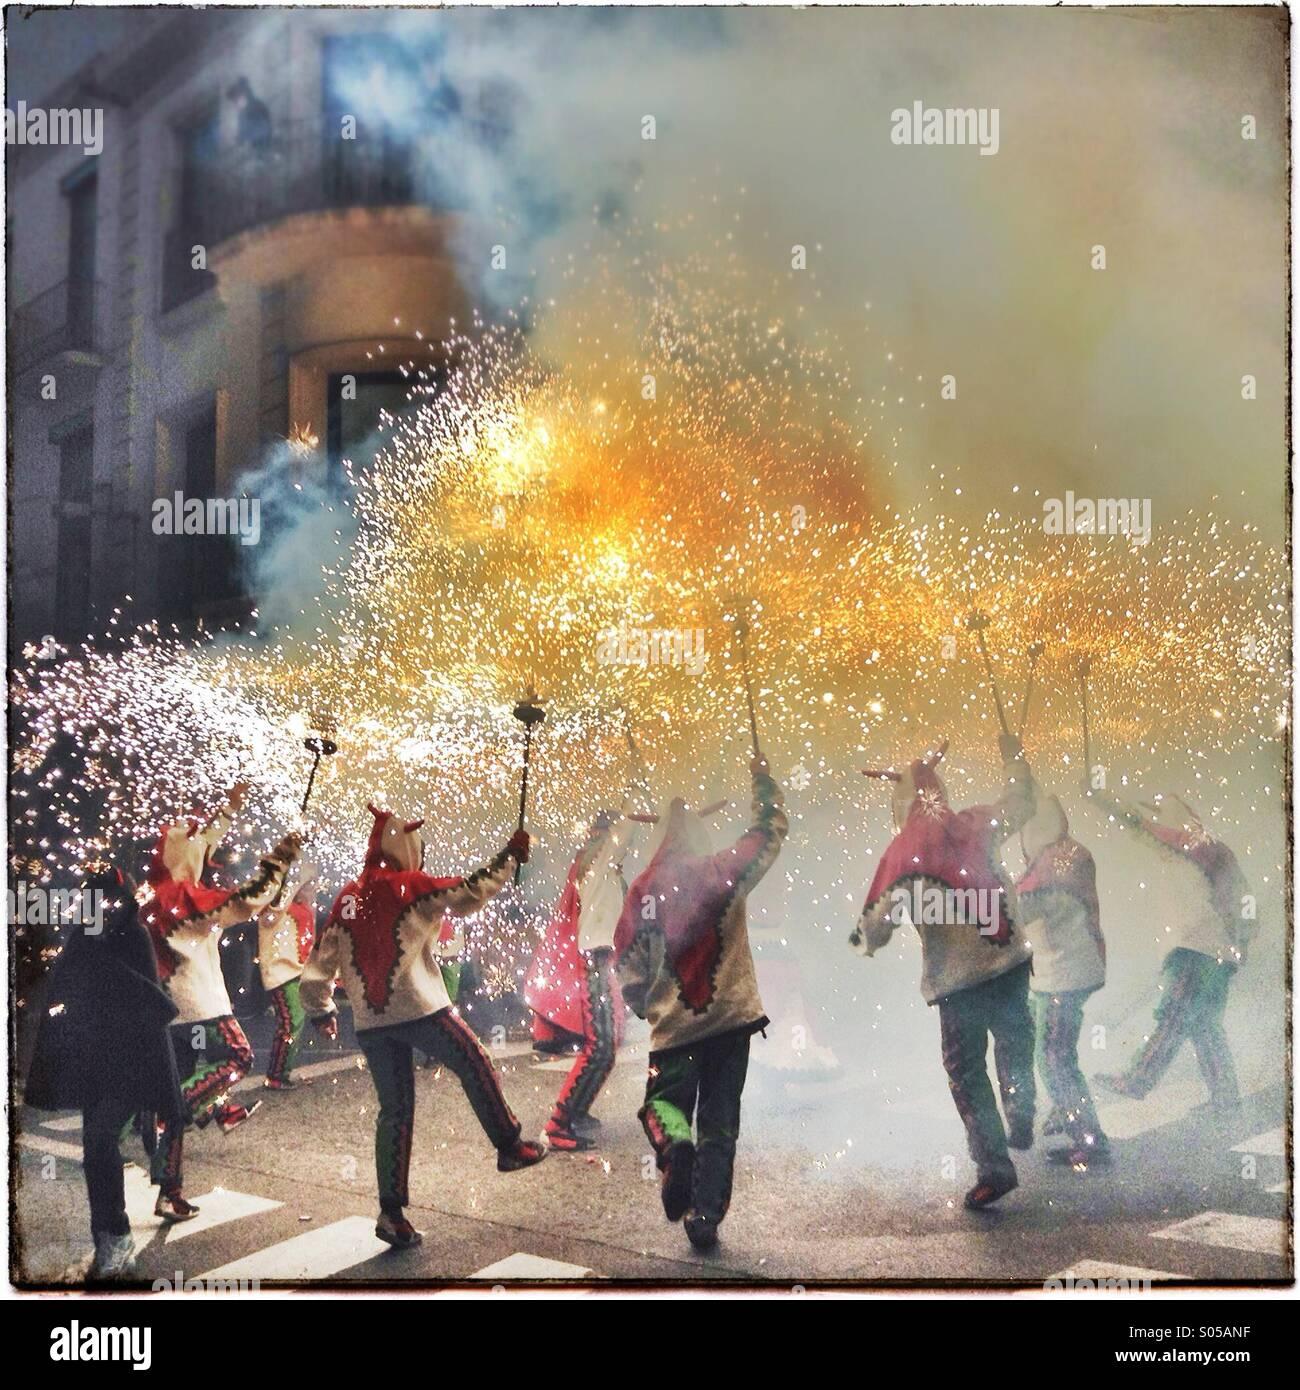 Correfoc, Fogo-de-artifício, Les Santes, Mataró cidade festival, Julho, Barcelona, Espanha. Jogos de incêndio Imagens de Stock